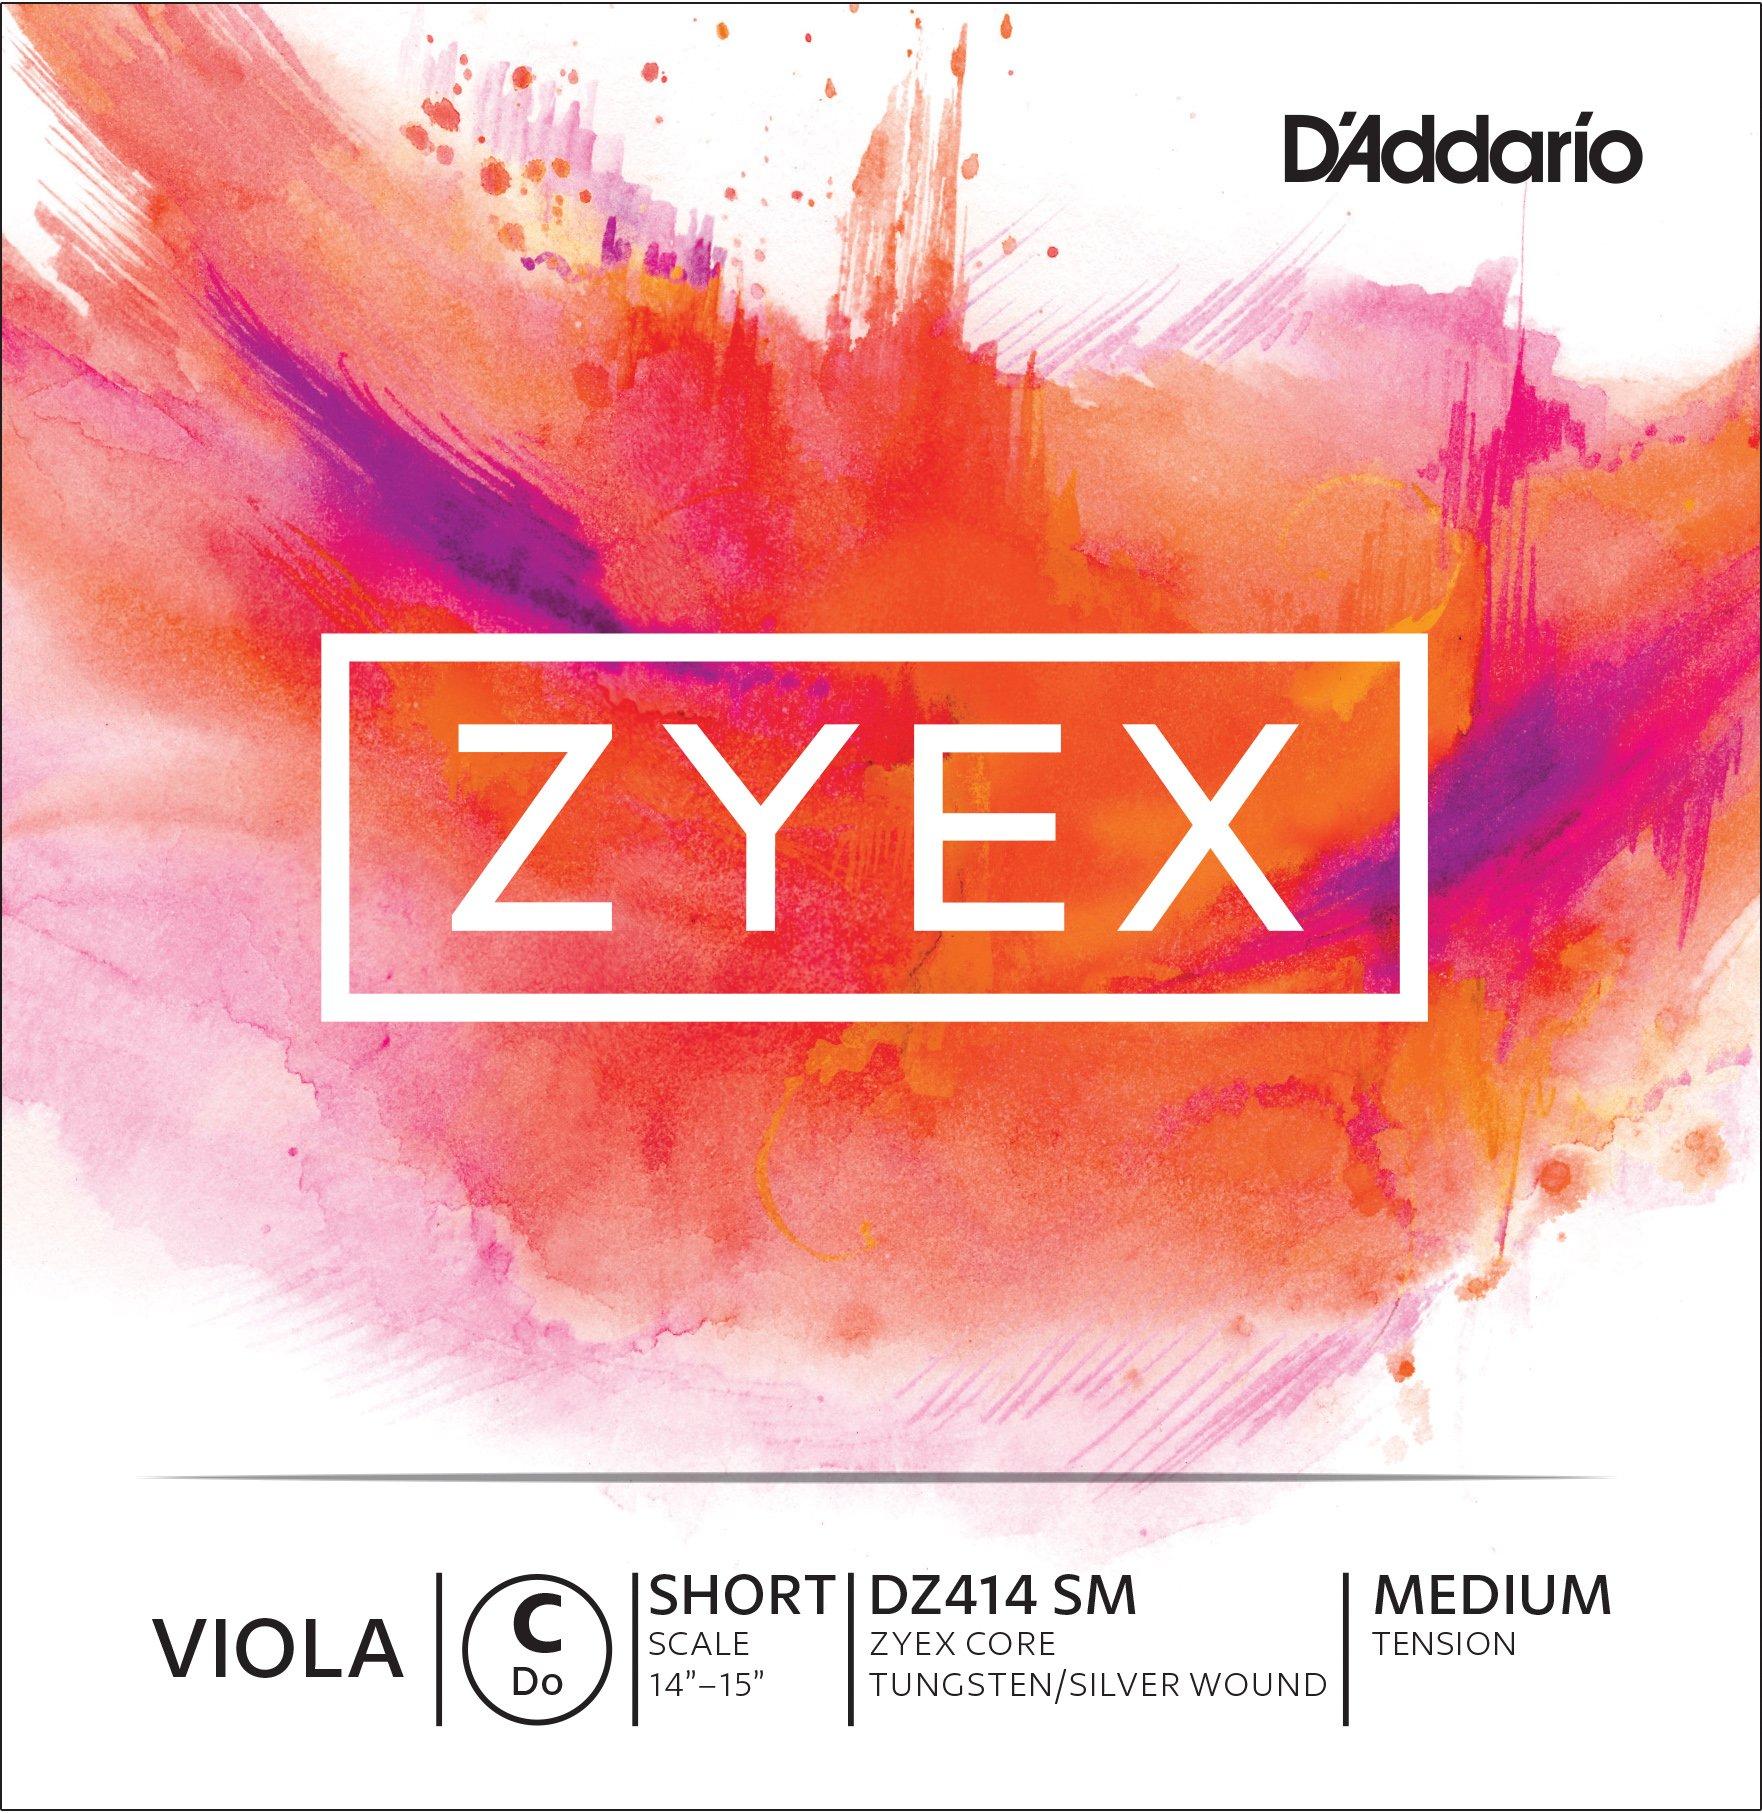 D'Addario Zyex Viola Single C String, Short Scale, Medium Tension